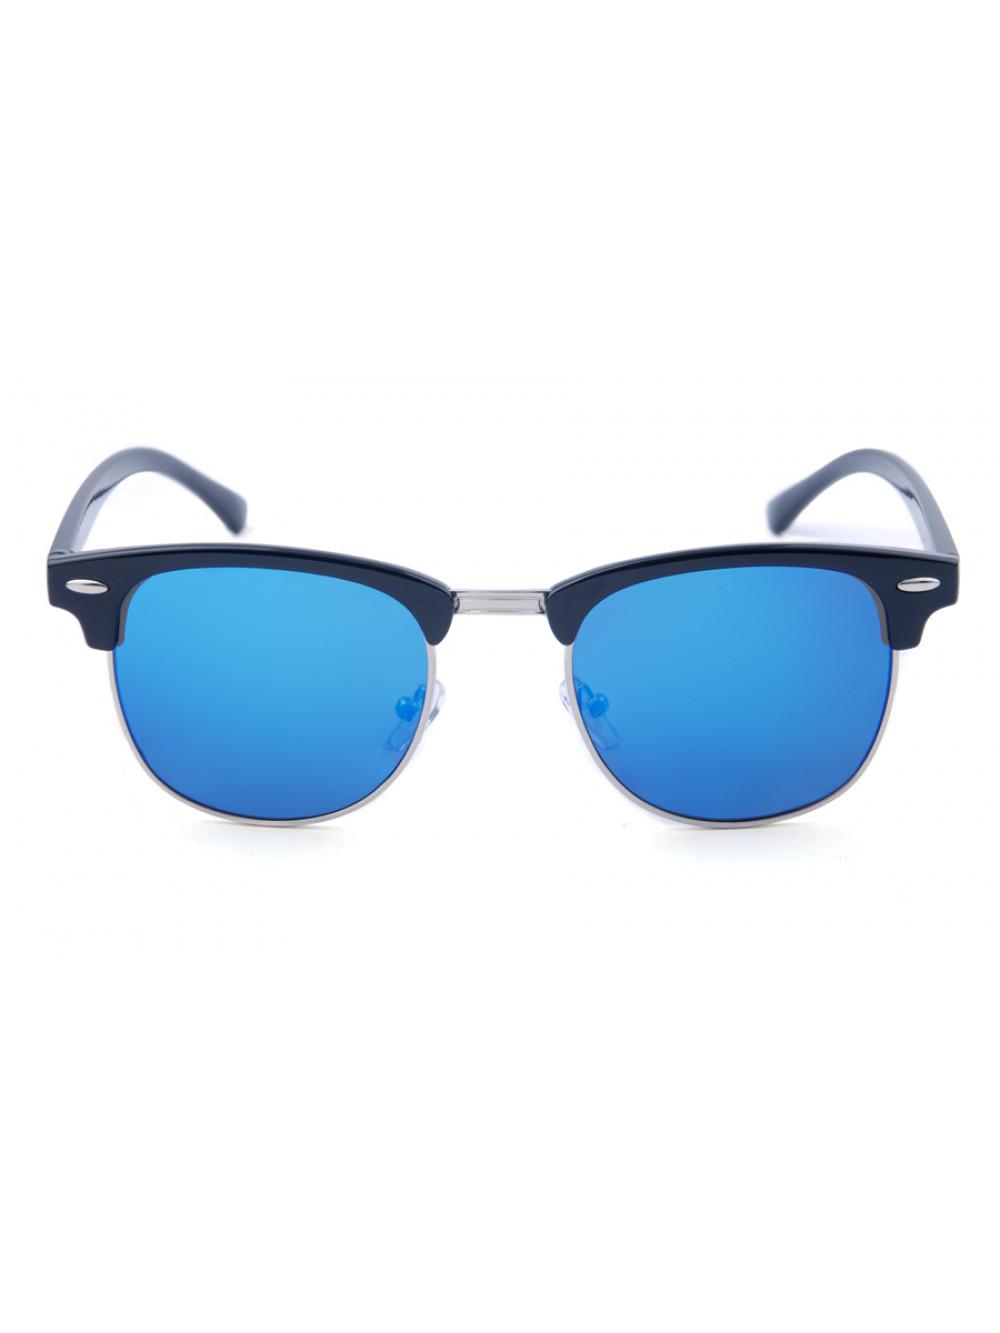 ae2b3e8a9 Slnečné okuliare Clubmaster Blue · Slnečné okuliare Clubmaster Blue